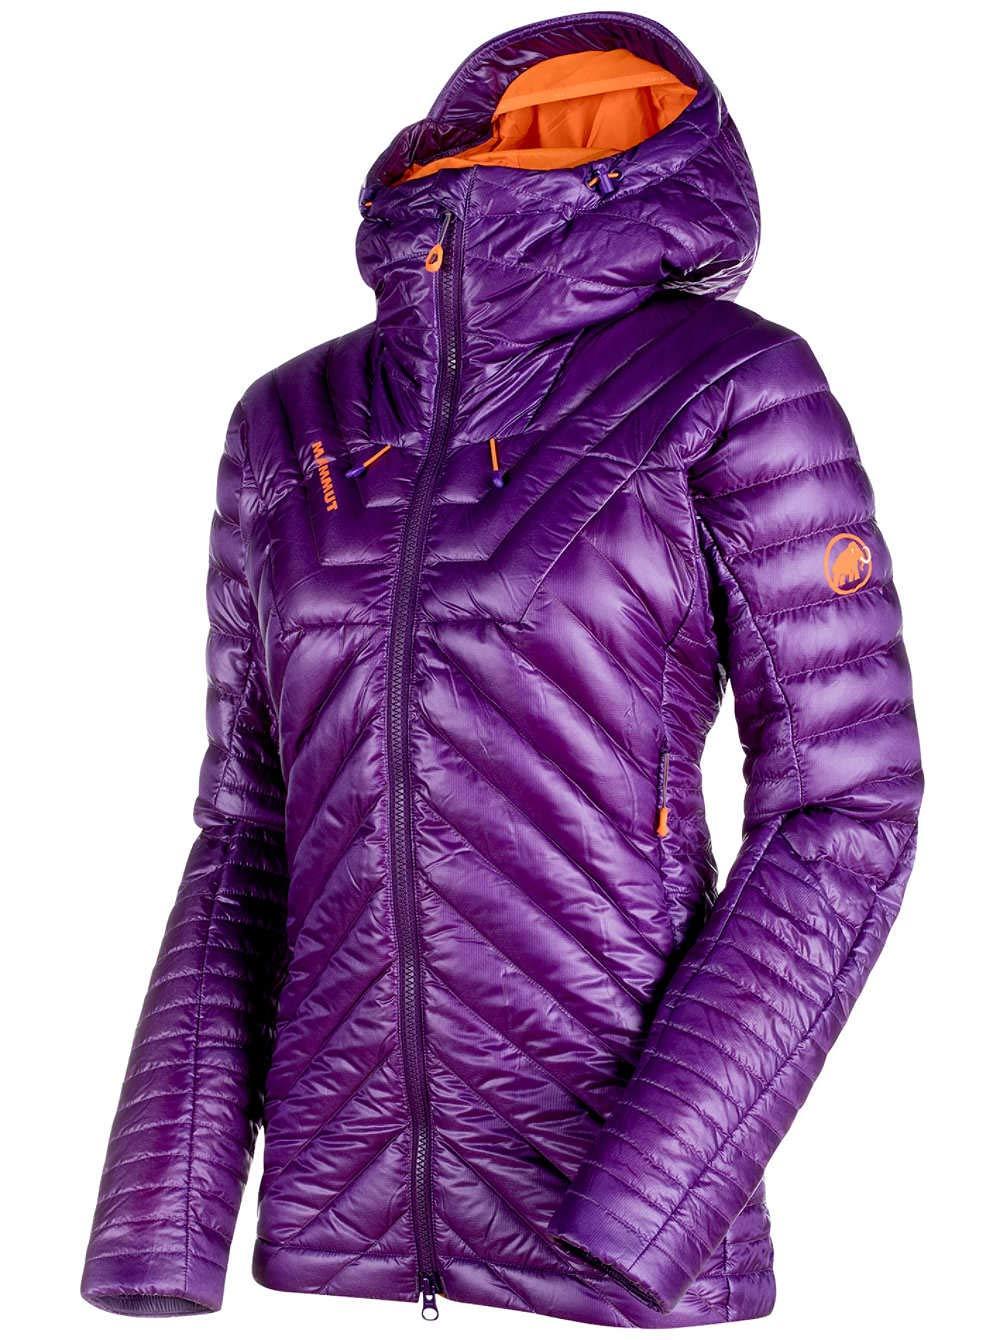 Mammut Eigerjoch Advanced IN Hooded Womens Jacket